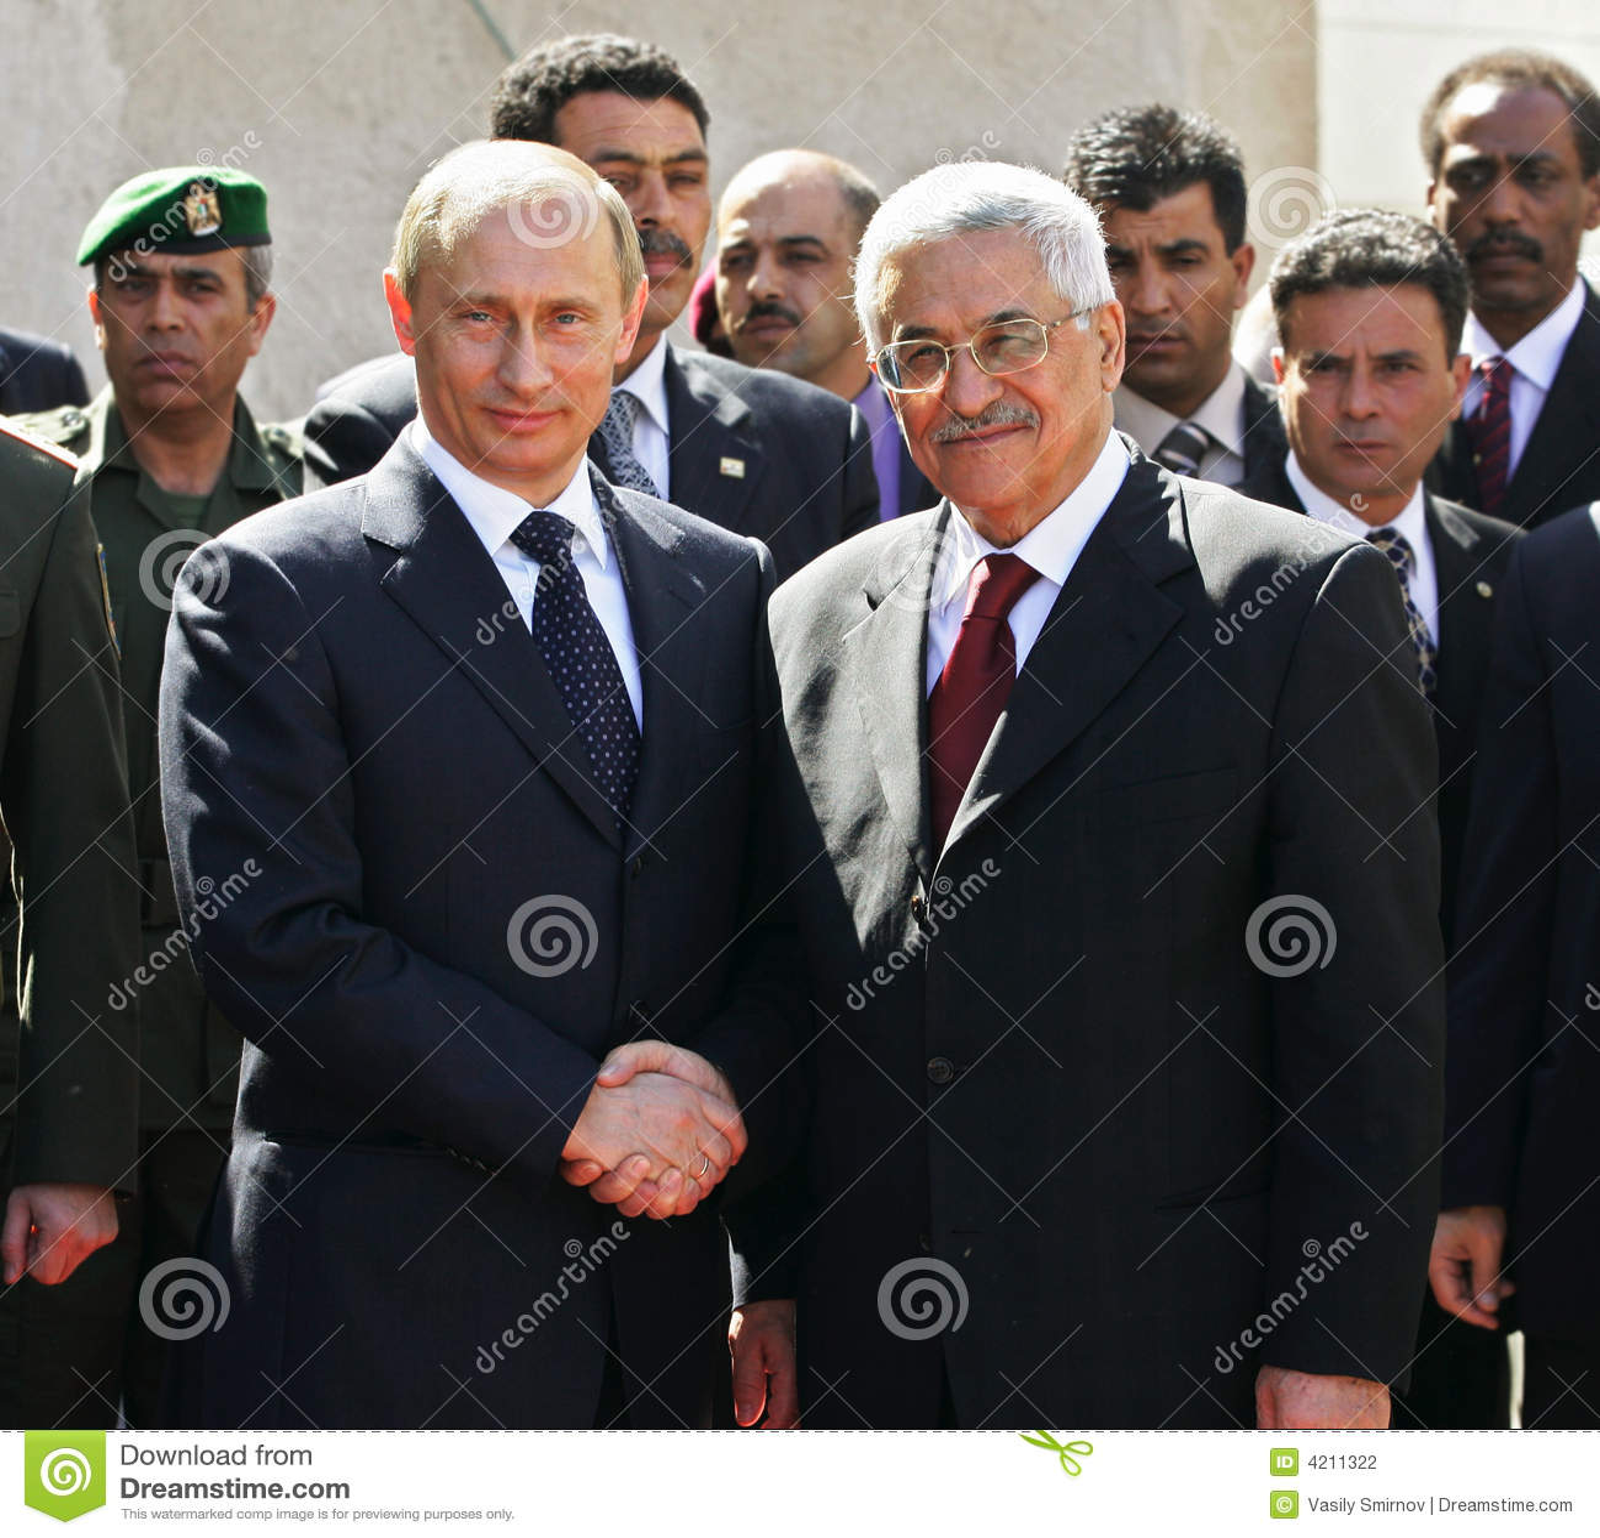 Vladimir Putin and Mahmoud Abbas